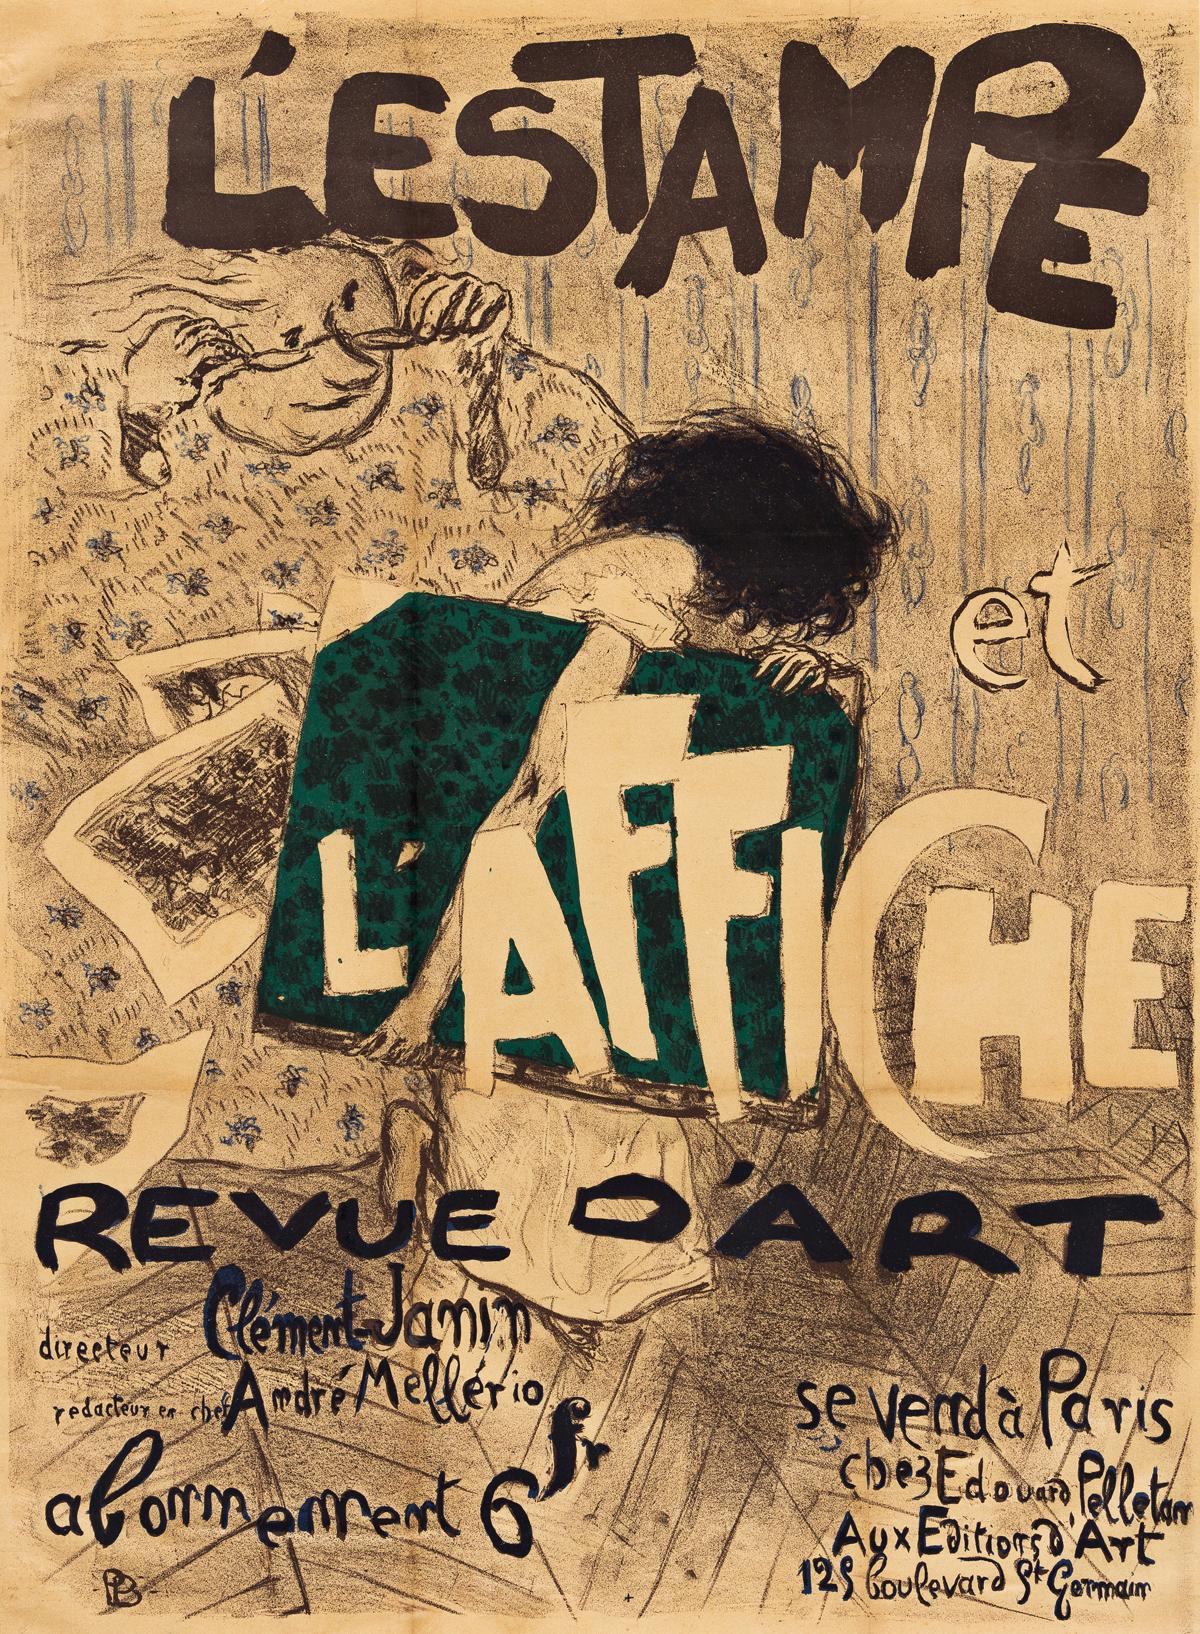 PIERRE BONNARD (1867-1947).  LESTAMPE ET LAFFICHE / REVUE DART. 1897. 32x23 inches, 82x60 cm. Editions dArt, Paris.